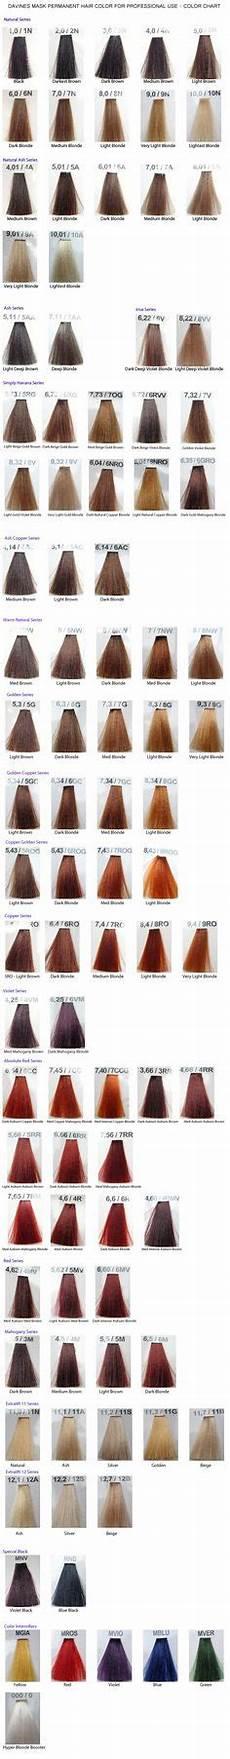 Davines Mask Colour Chart I N S P I R E D Hair Color On Pinterest Purple Hair